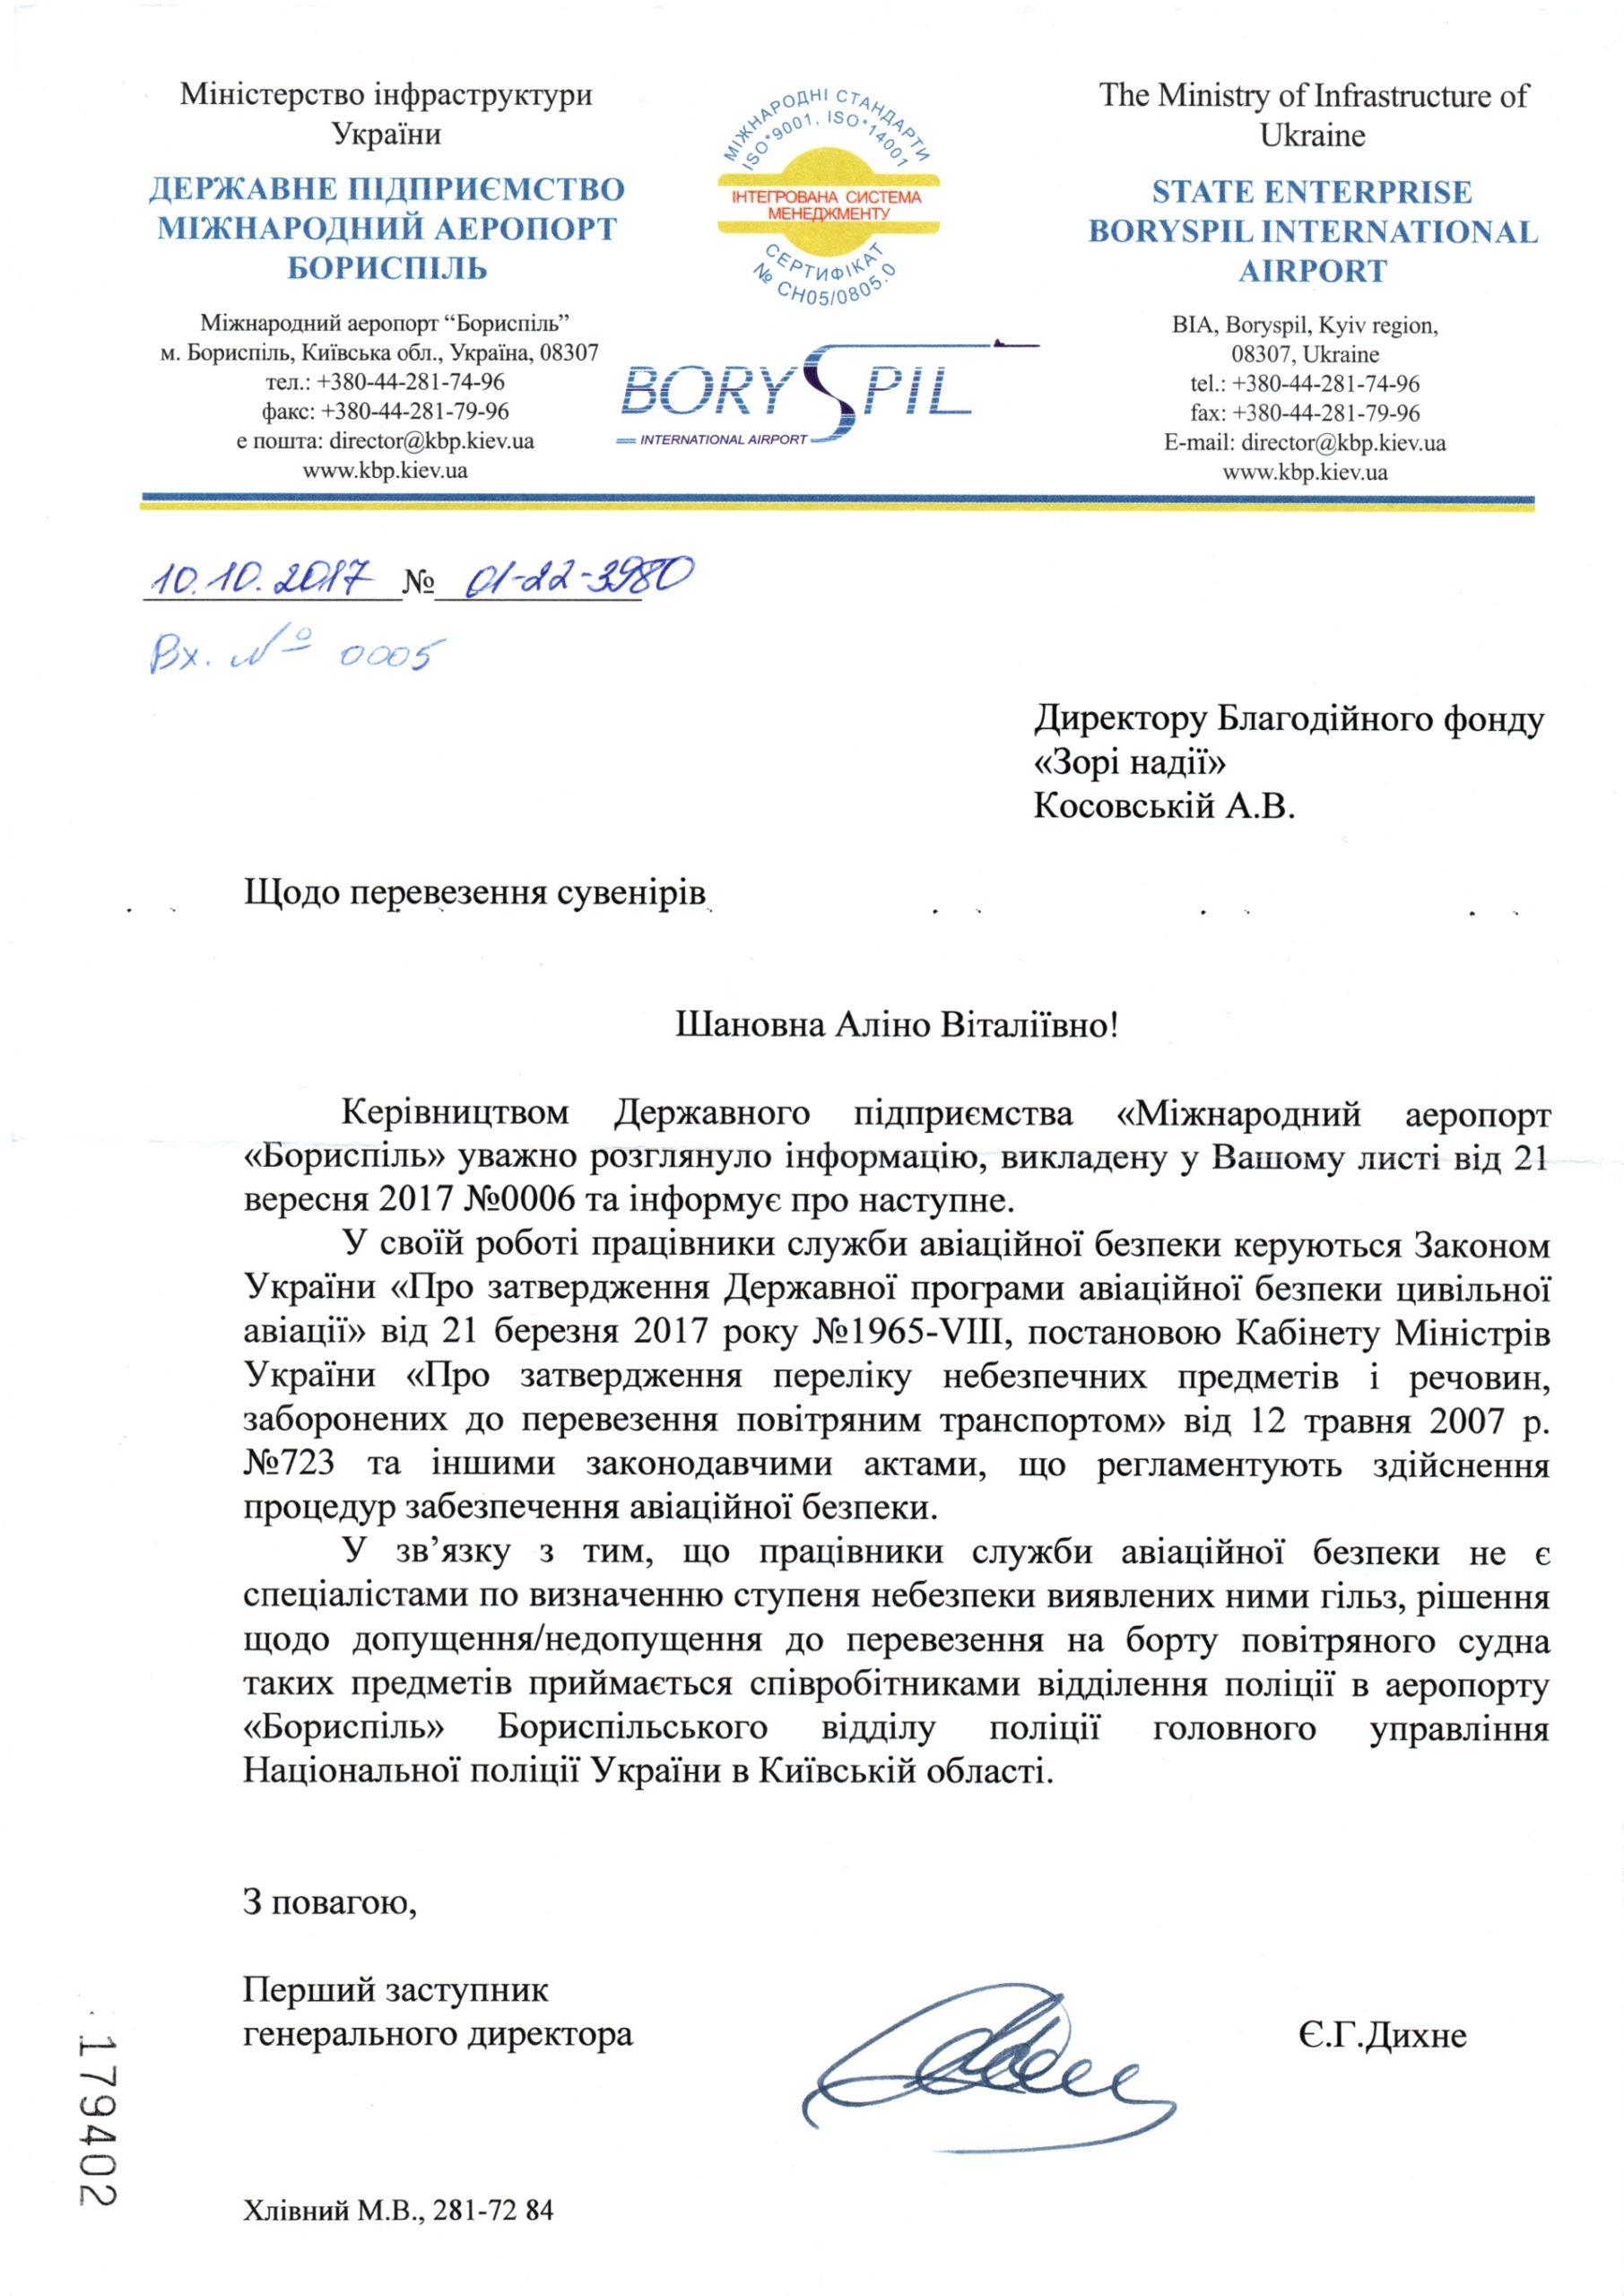 Лист від керівництва аеропорту Бориспіль